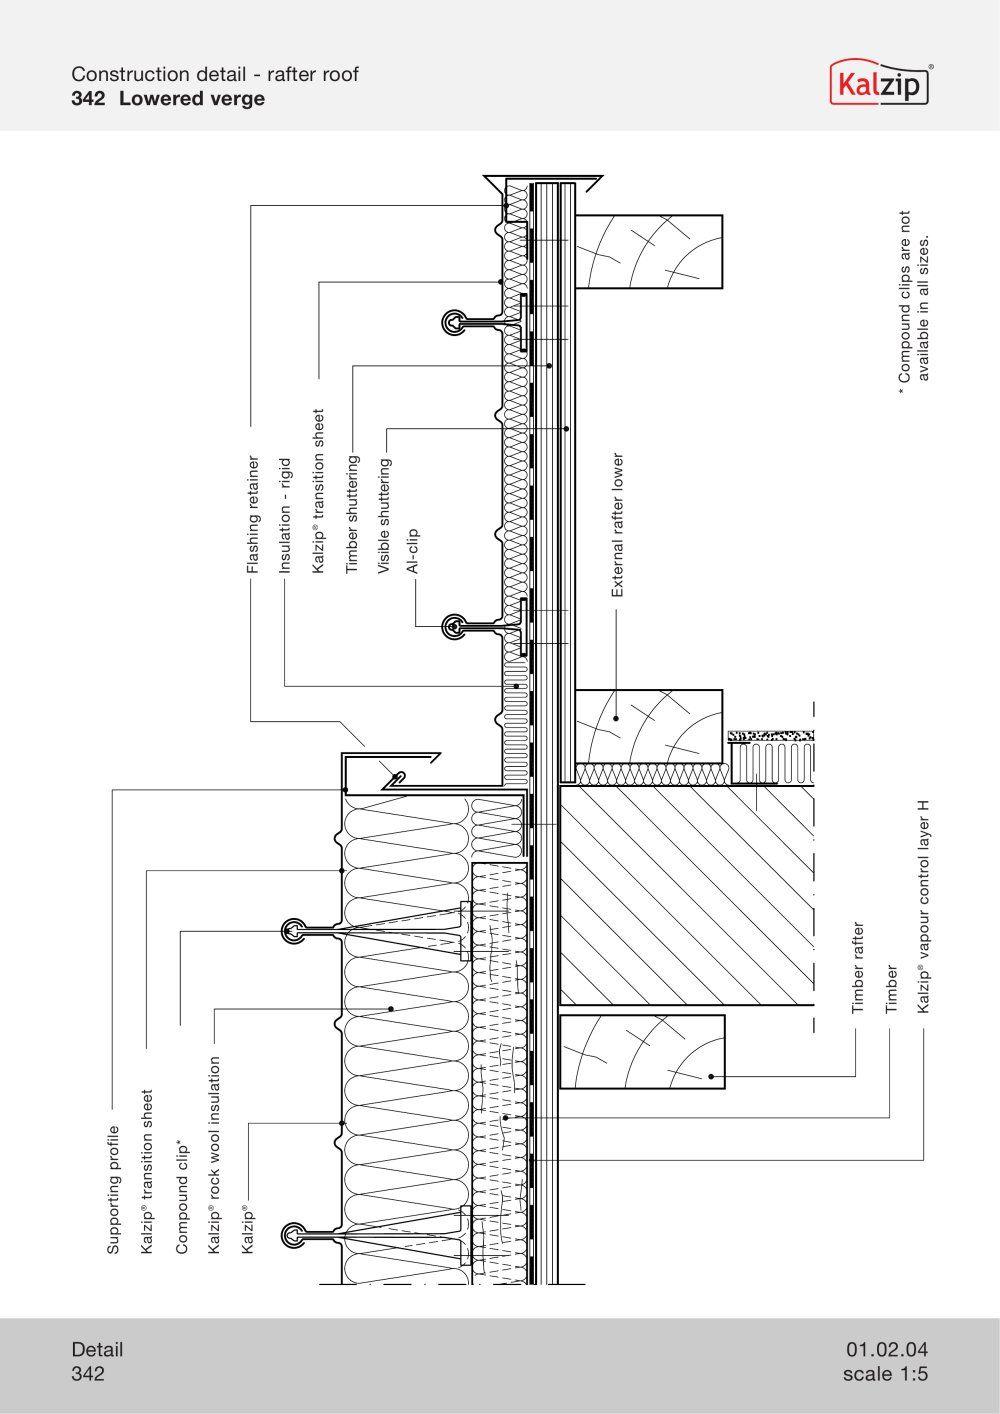 Kalzip Construction Details Construction Detail Roof Construction